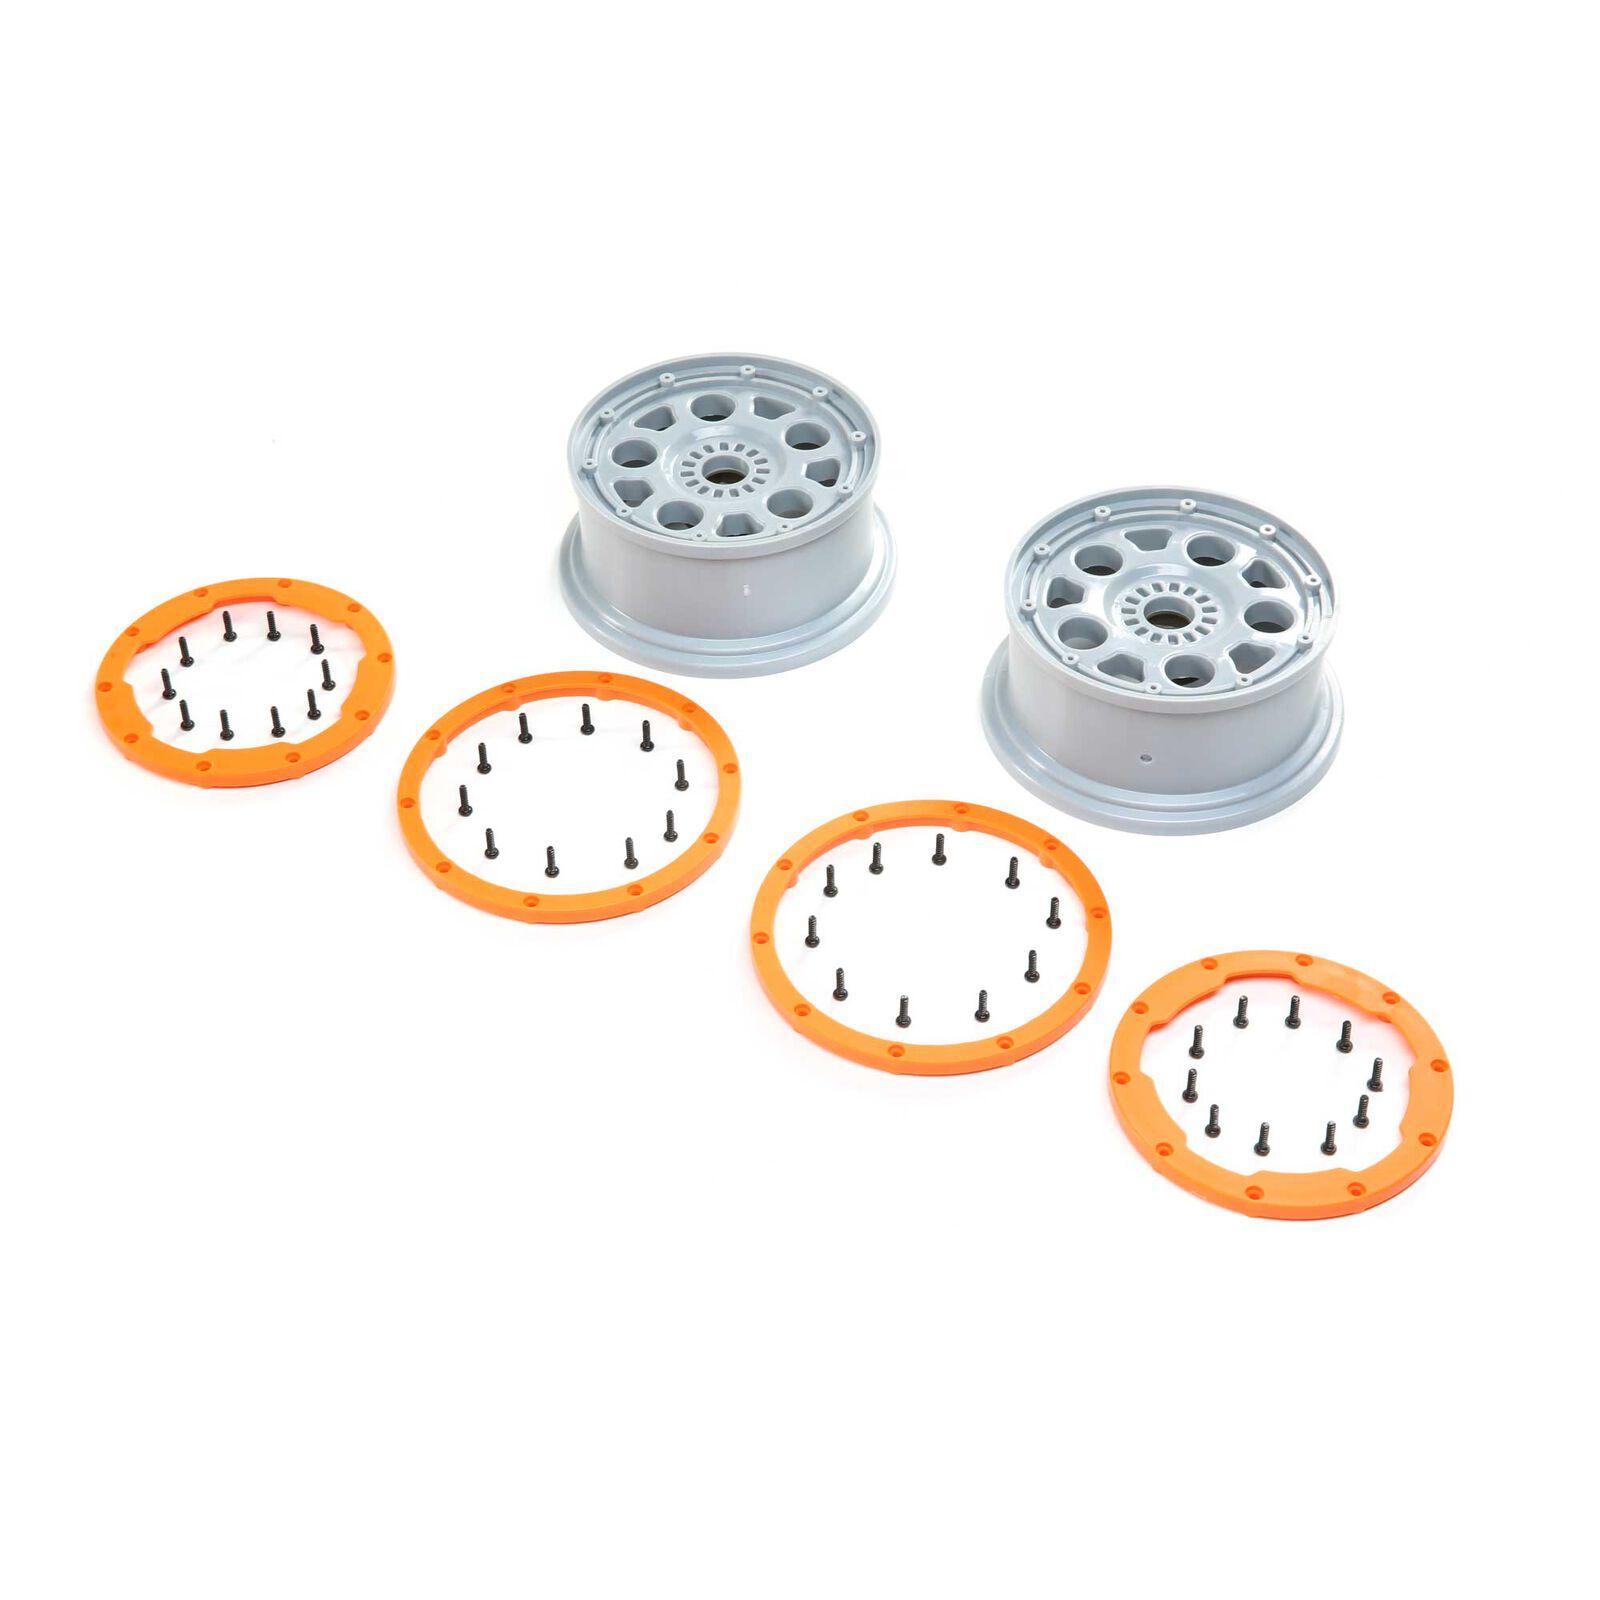 1/5 Front/Rear 4.75 Beadlock Wheels, 24mm Hex, Silver/Orange (2): DBXL-E 2.0